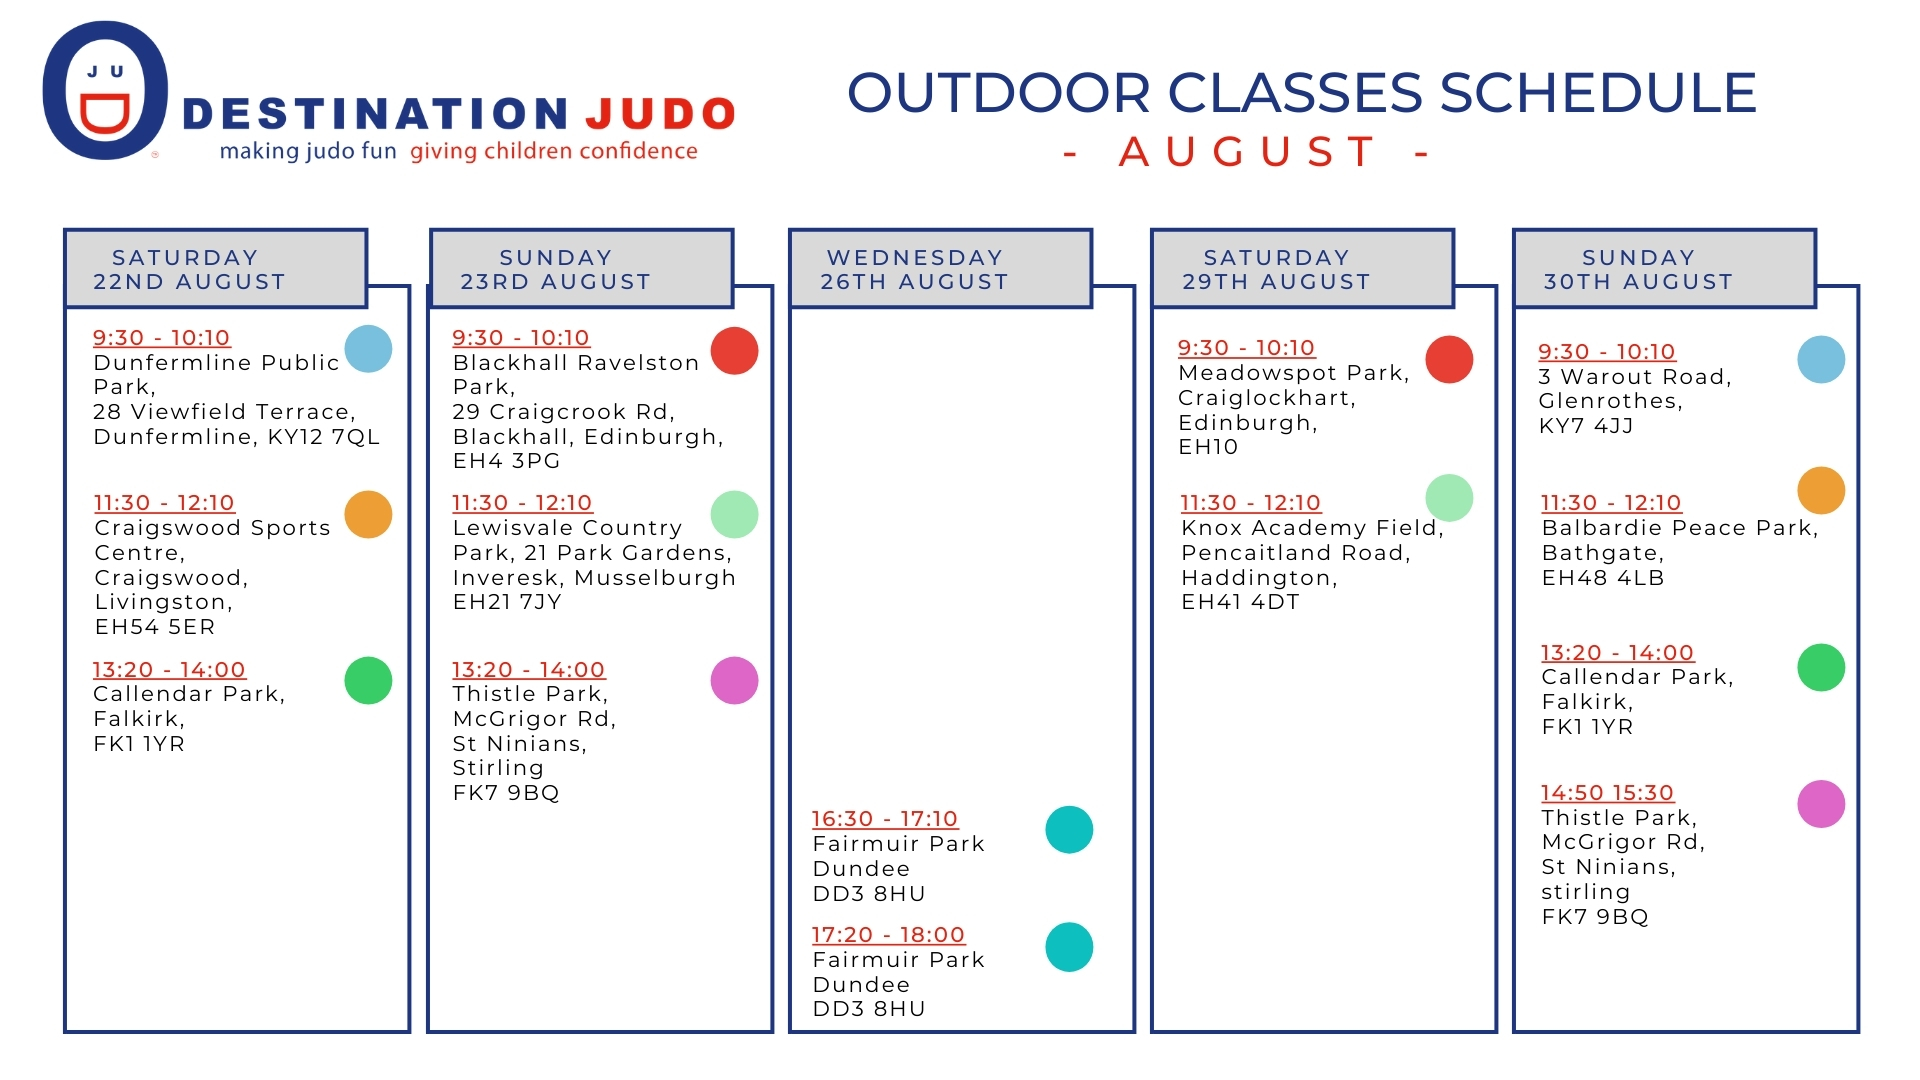 August Outdoor Classes Schedule